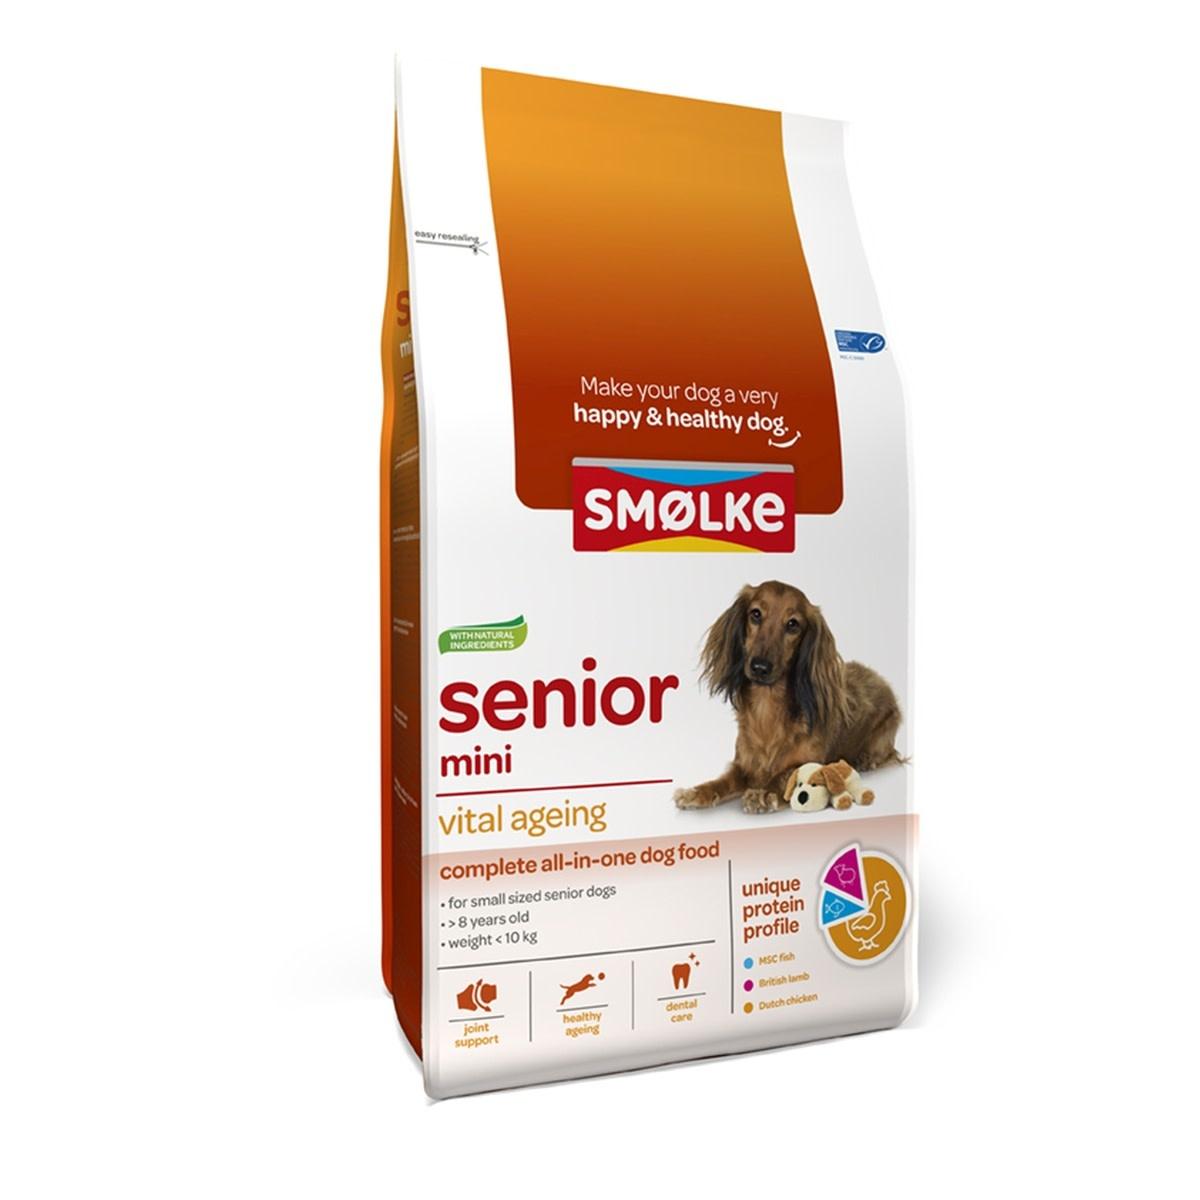 Smølke SMOLKE - SENIOR MINI 3 KG KIP SENIOR